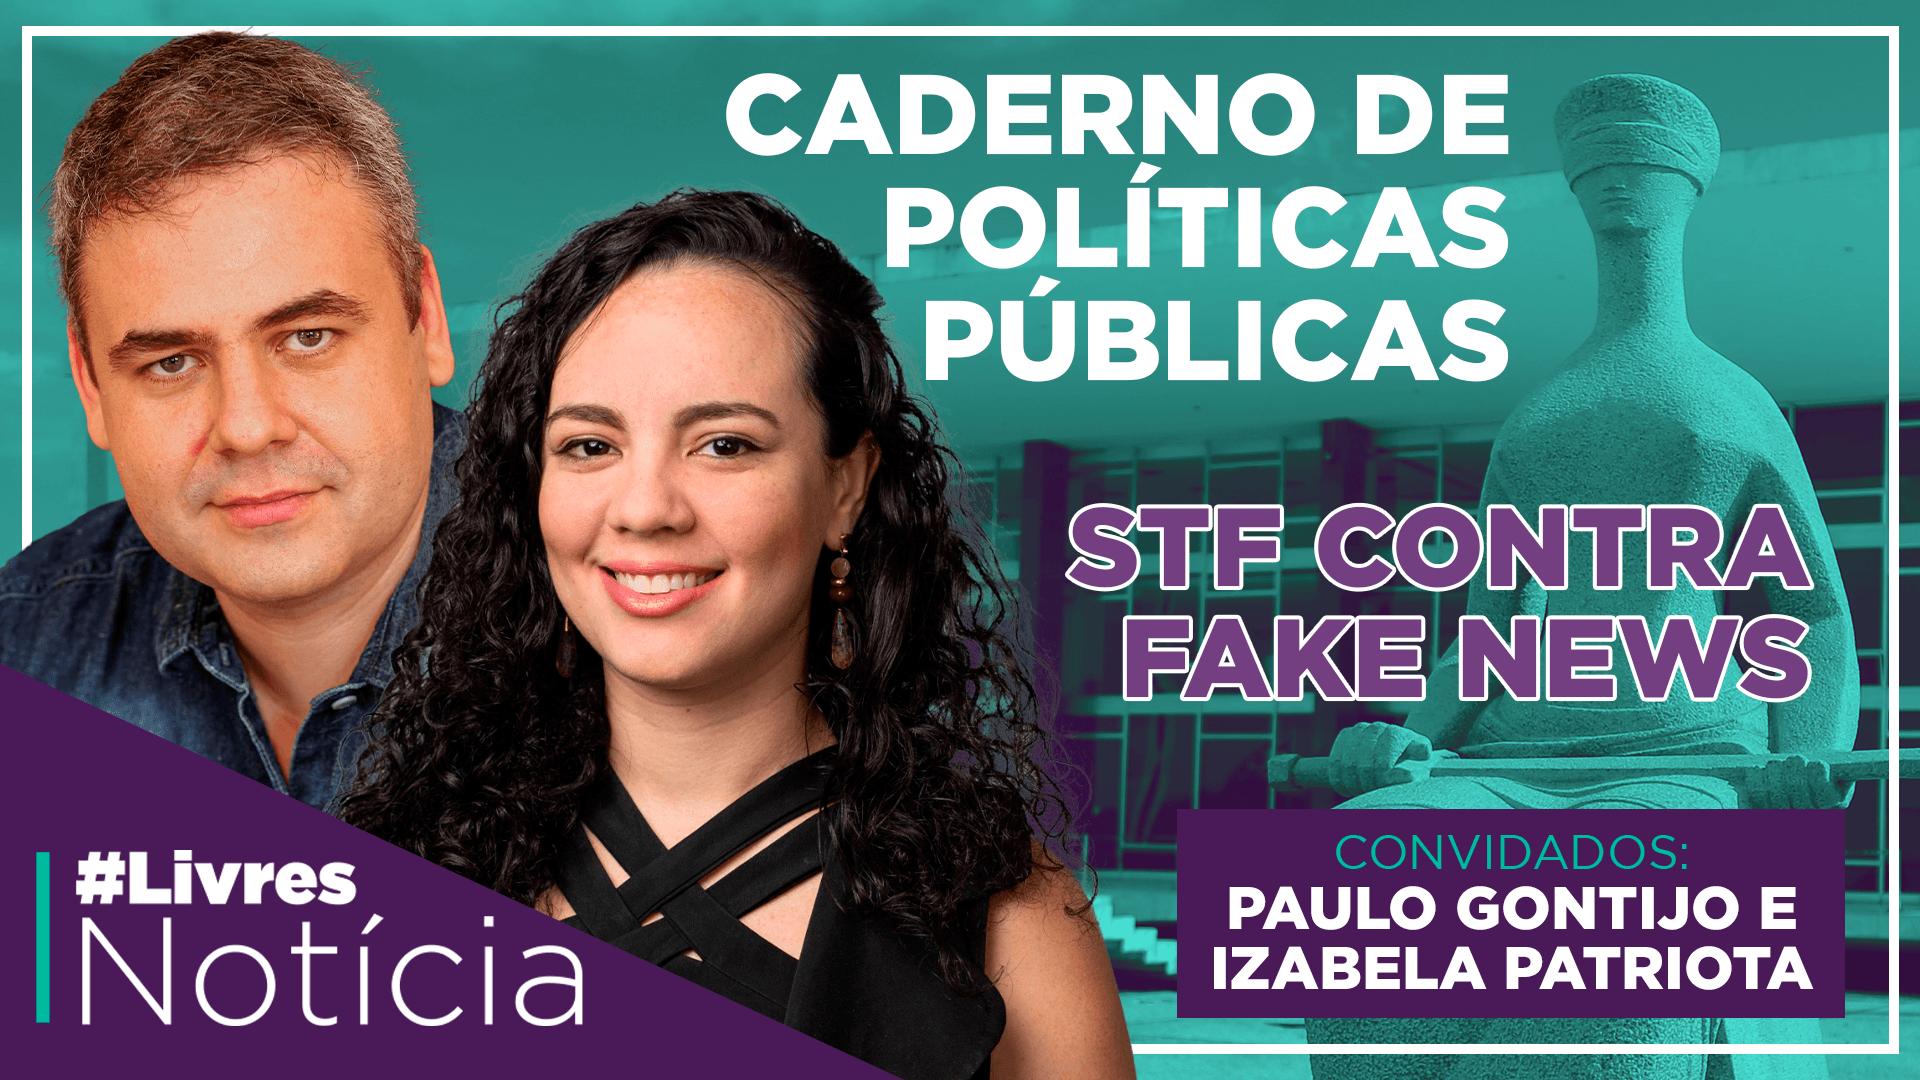 Livres lança caderno de políticas públicas | LivresNotícia AO VIVO – 29/09